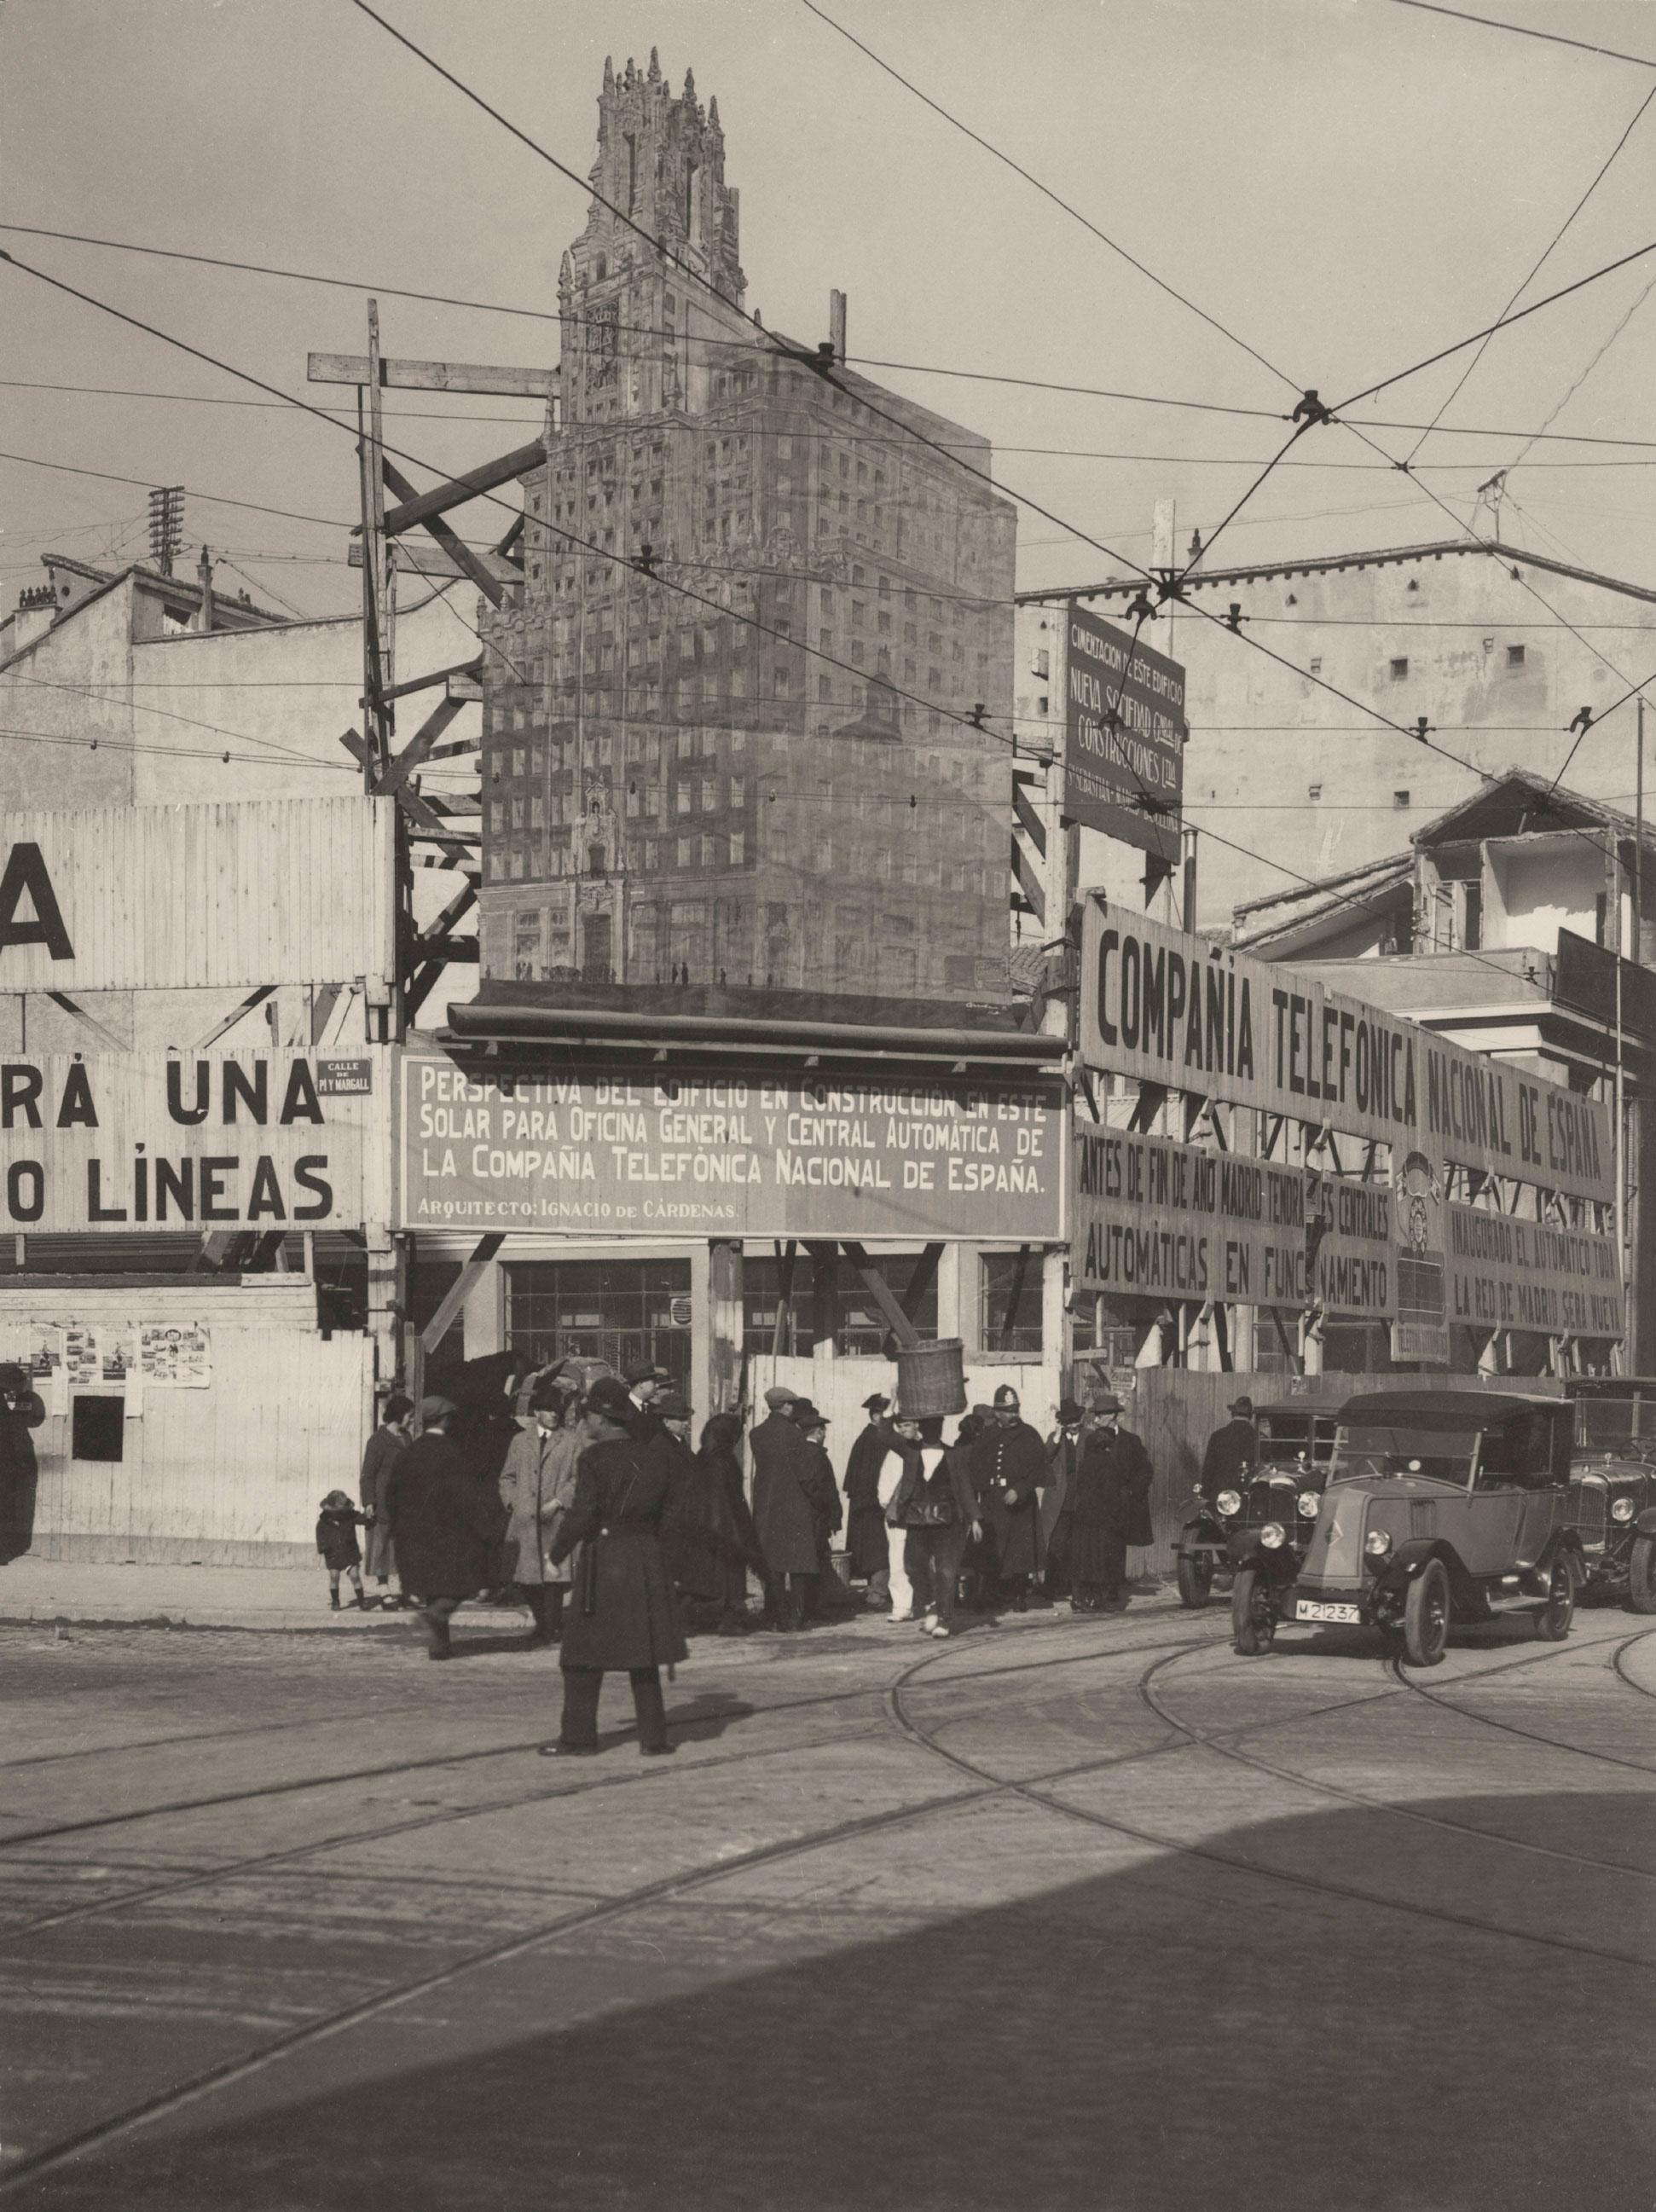 Anónimo, 1927. Valla en el chaflán del solar adquirido por la Telefónica, en la Avenida Pi y Margall, para construir sus oficinas generales y Central Automática de Gran Vía. Madrid